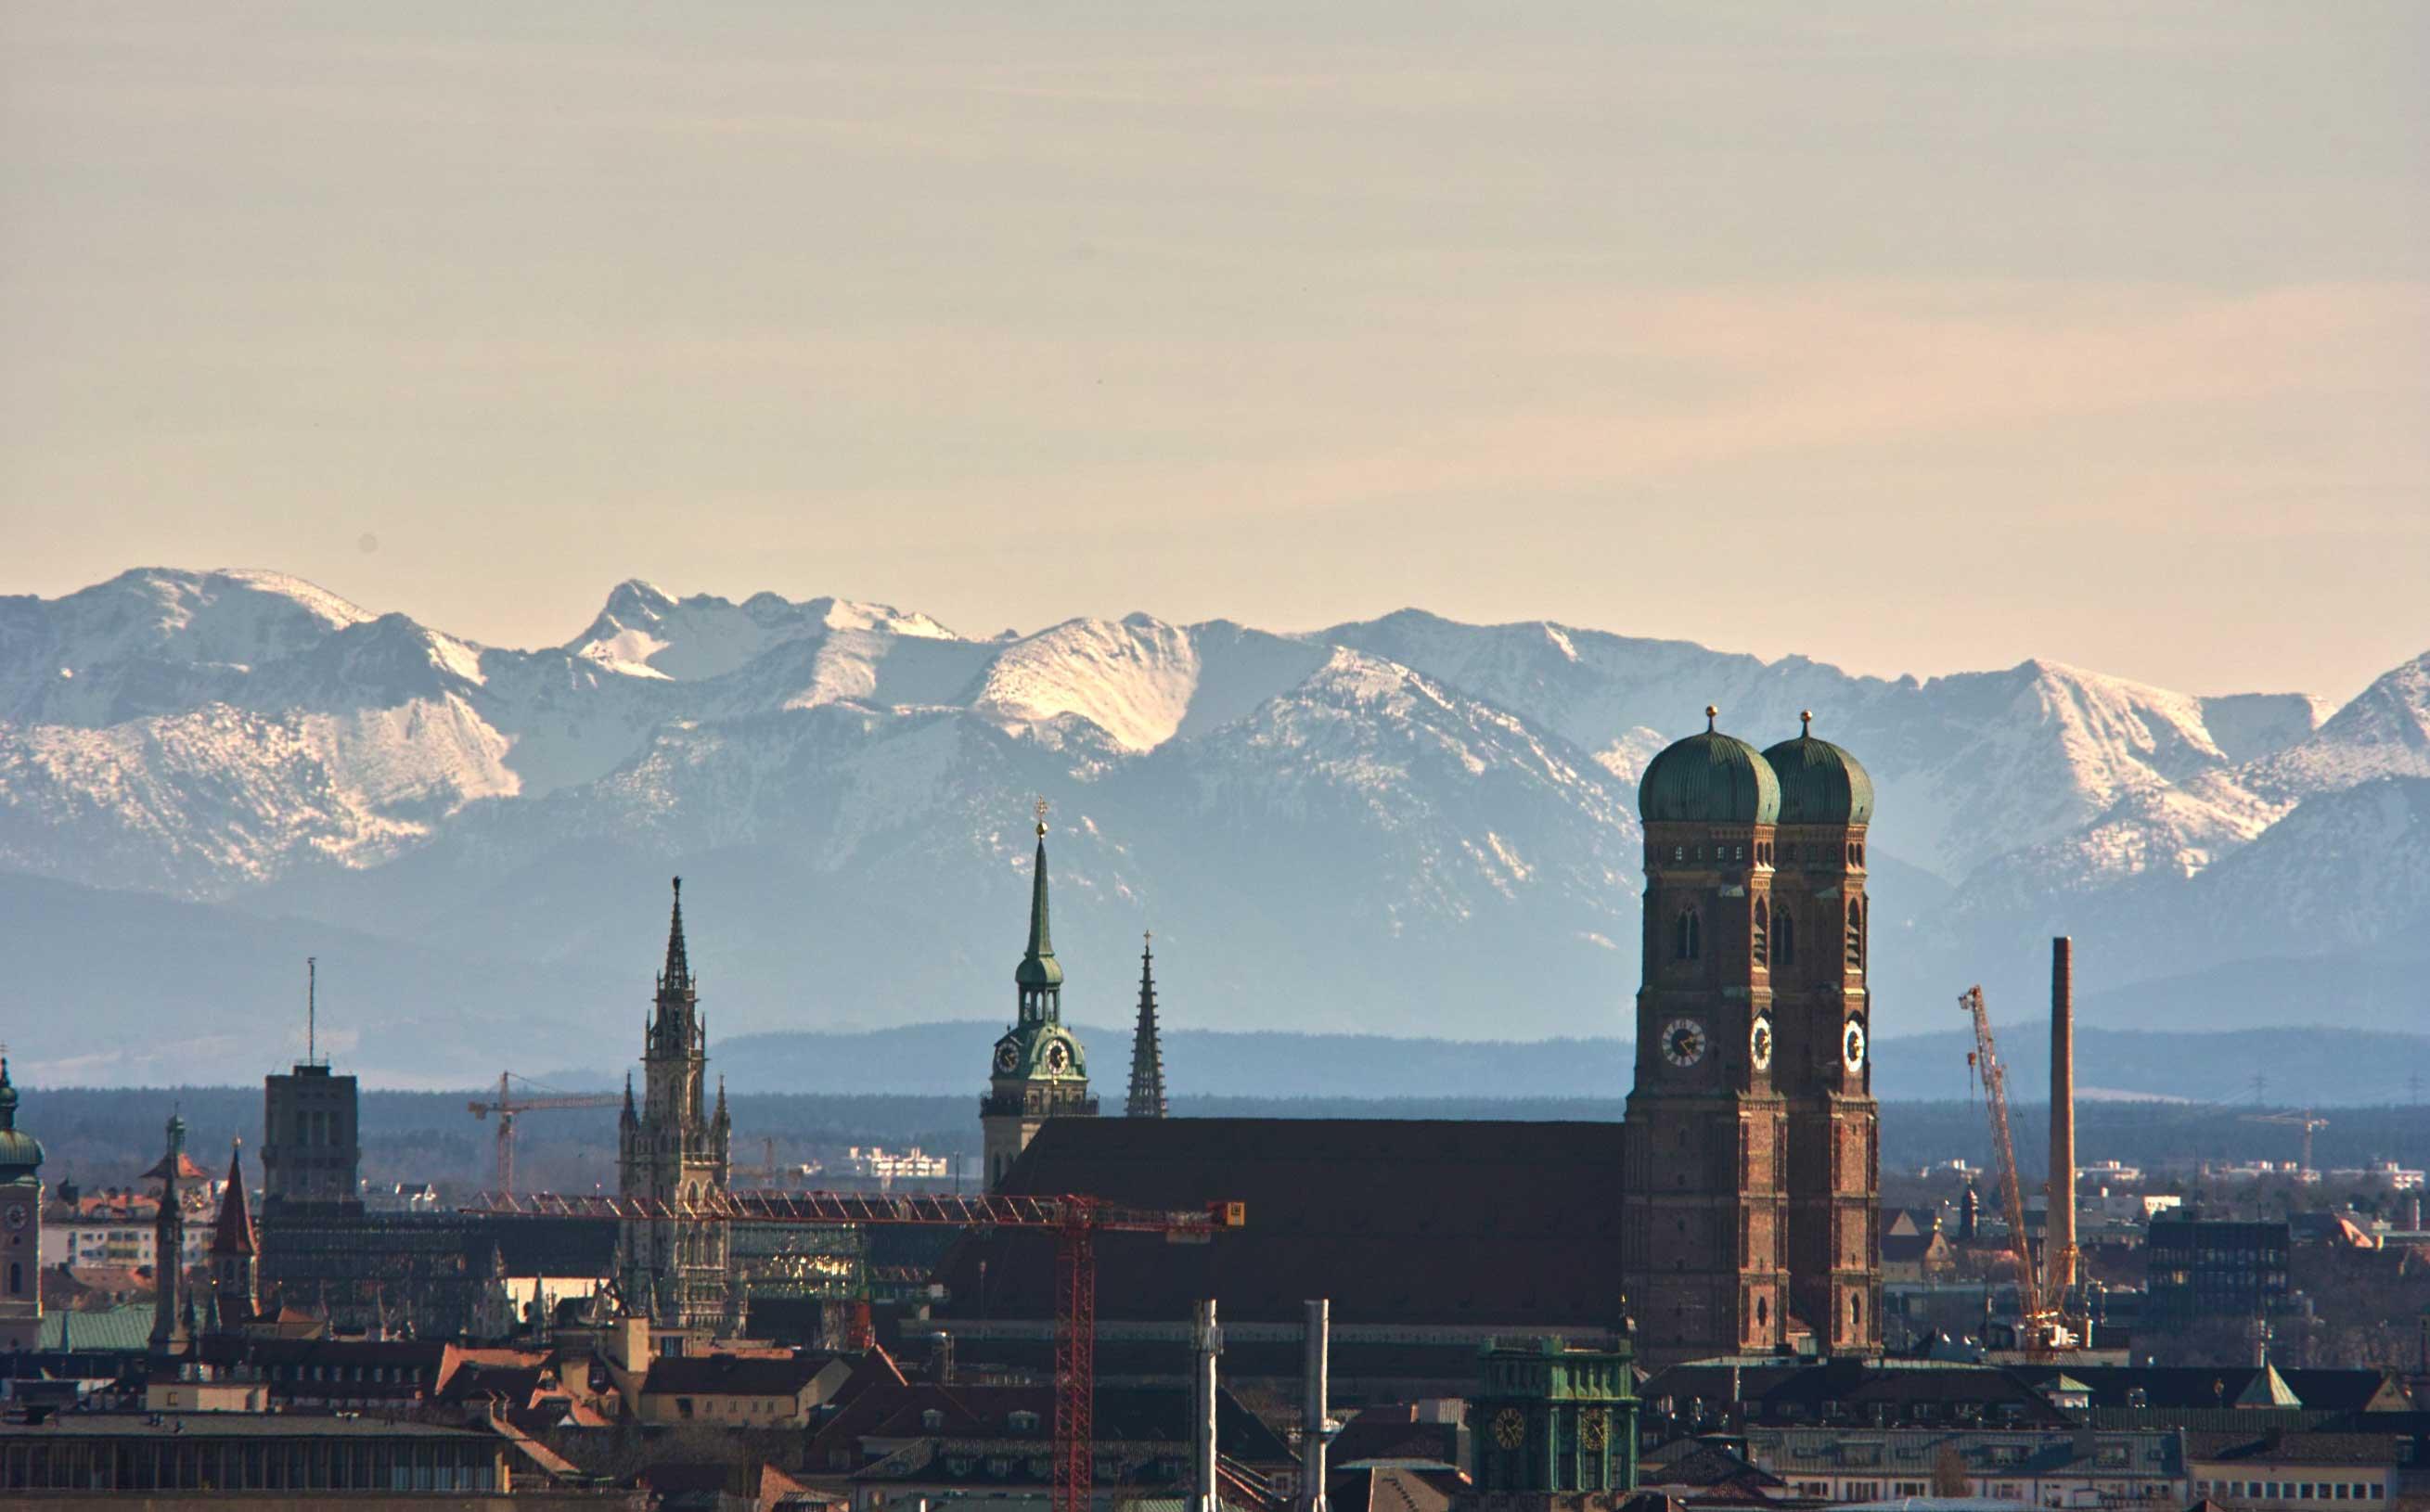 Reinald Kirchner, Frauenkirche in München, Größe, CC BY-SA 2.0